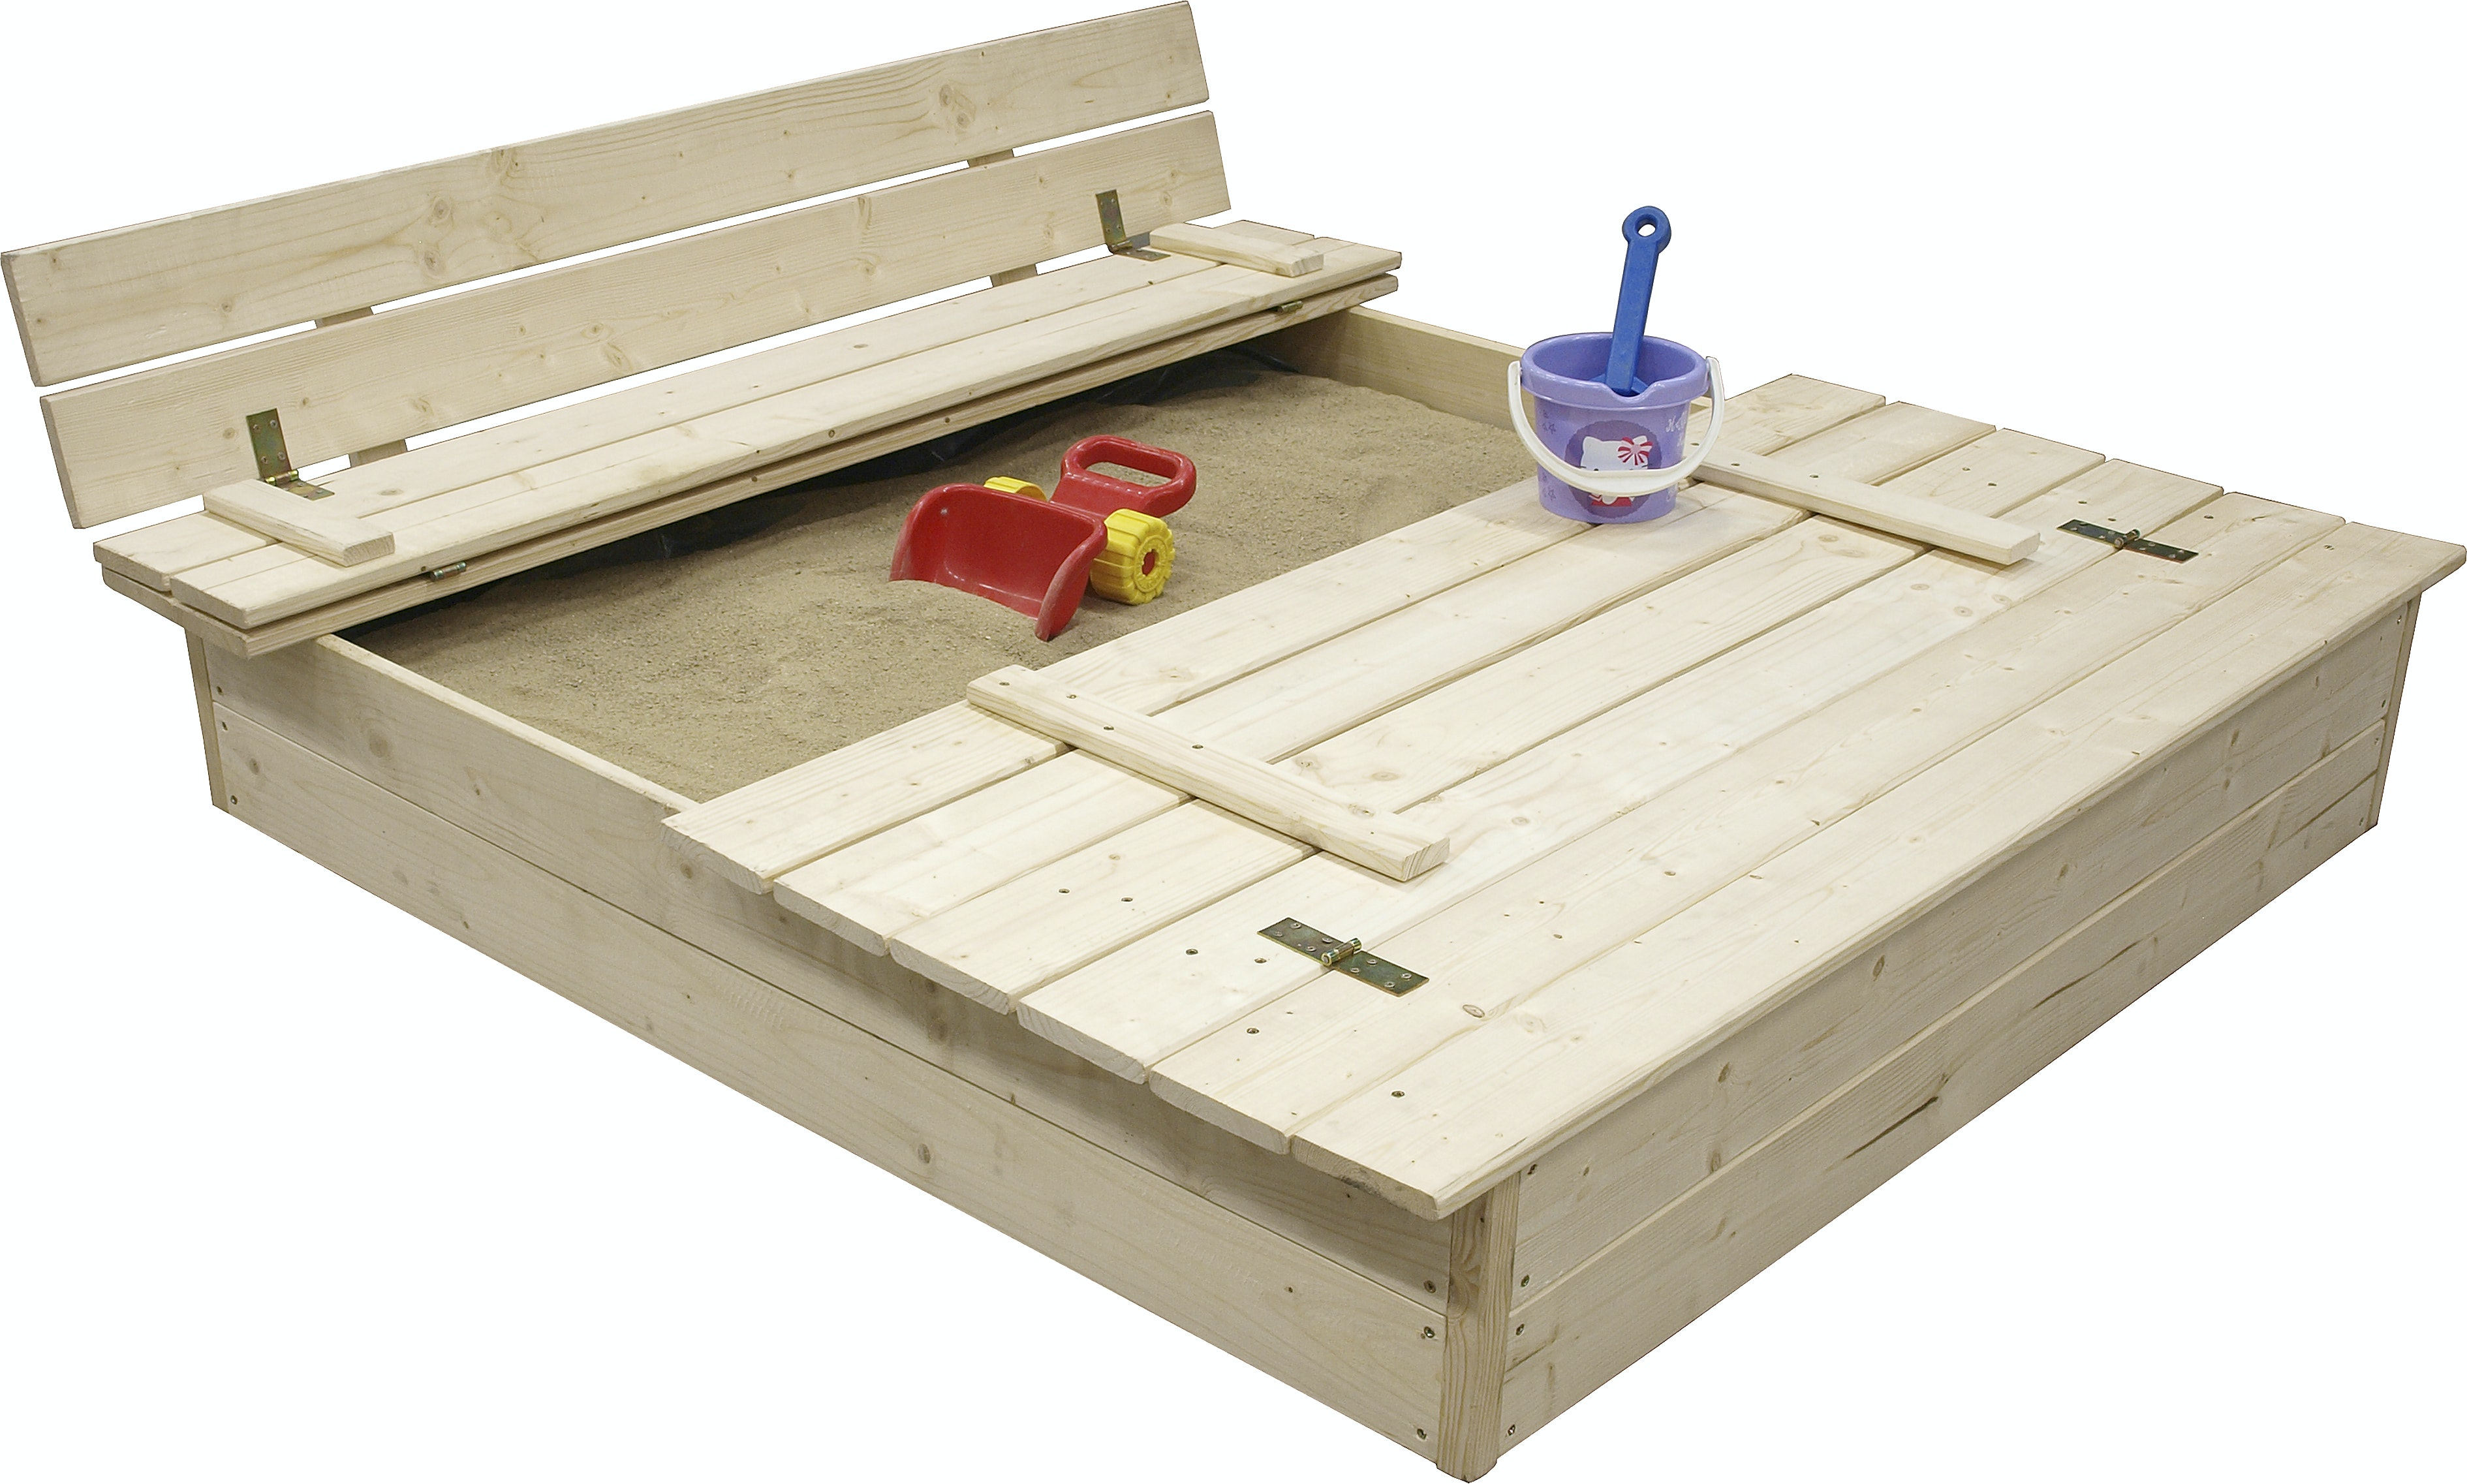 Sandlåda Jabo Med Bänk & Lock 120x120cm 3304